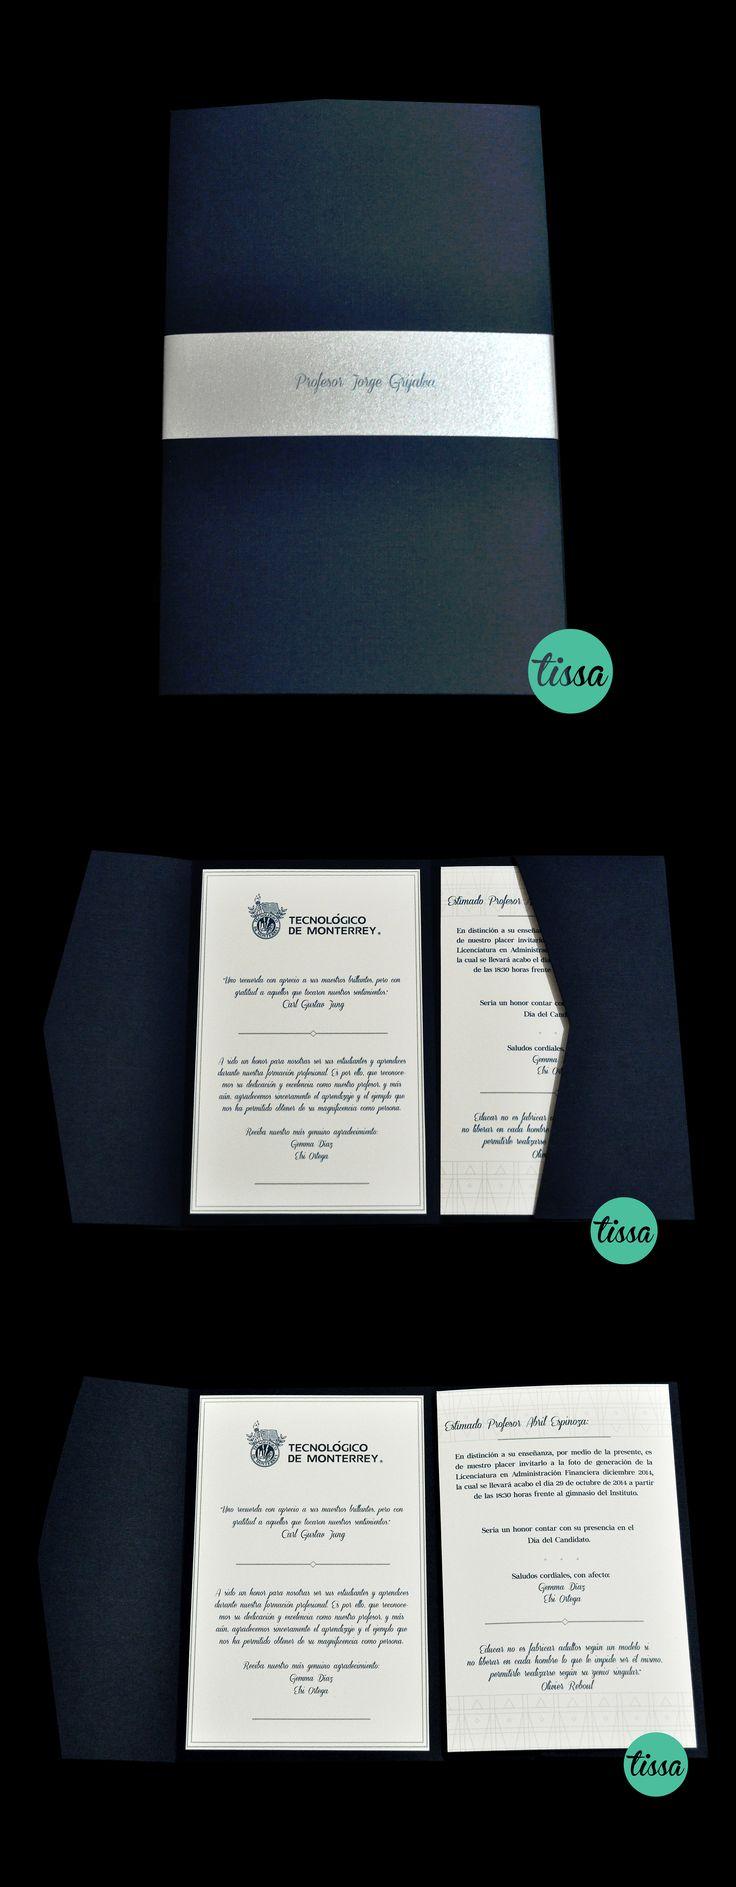 INVITACIONES PARA GRADUACION #invitacion #graduacion #prom #party #diseño #tissa #design #cuu #universidad #fiesta #love